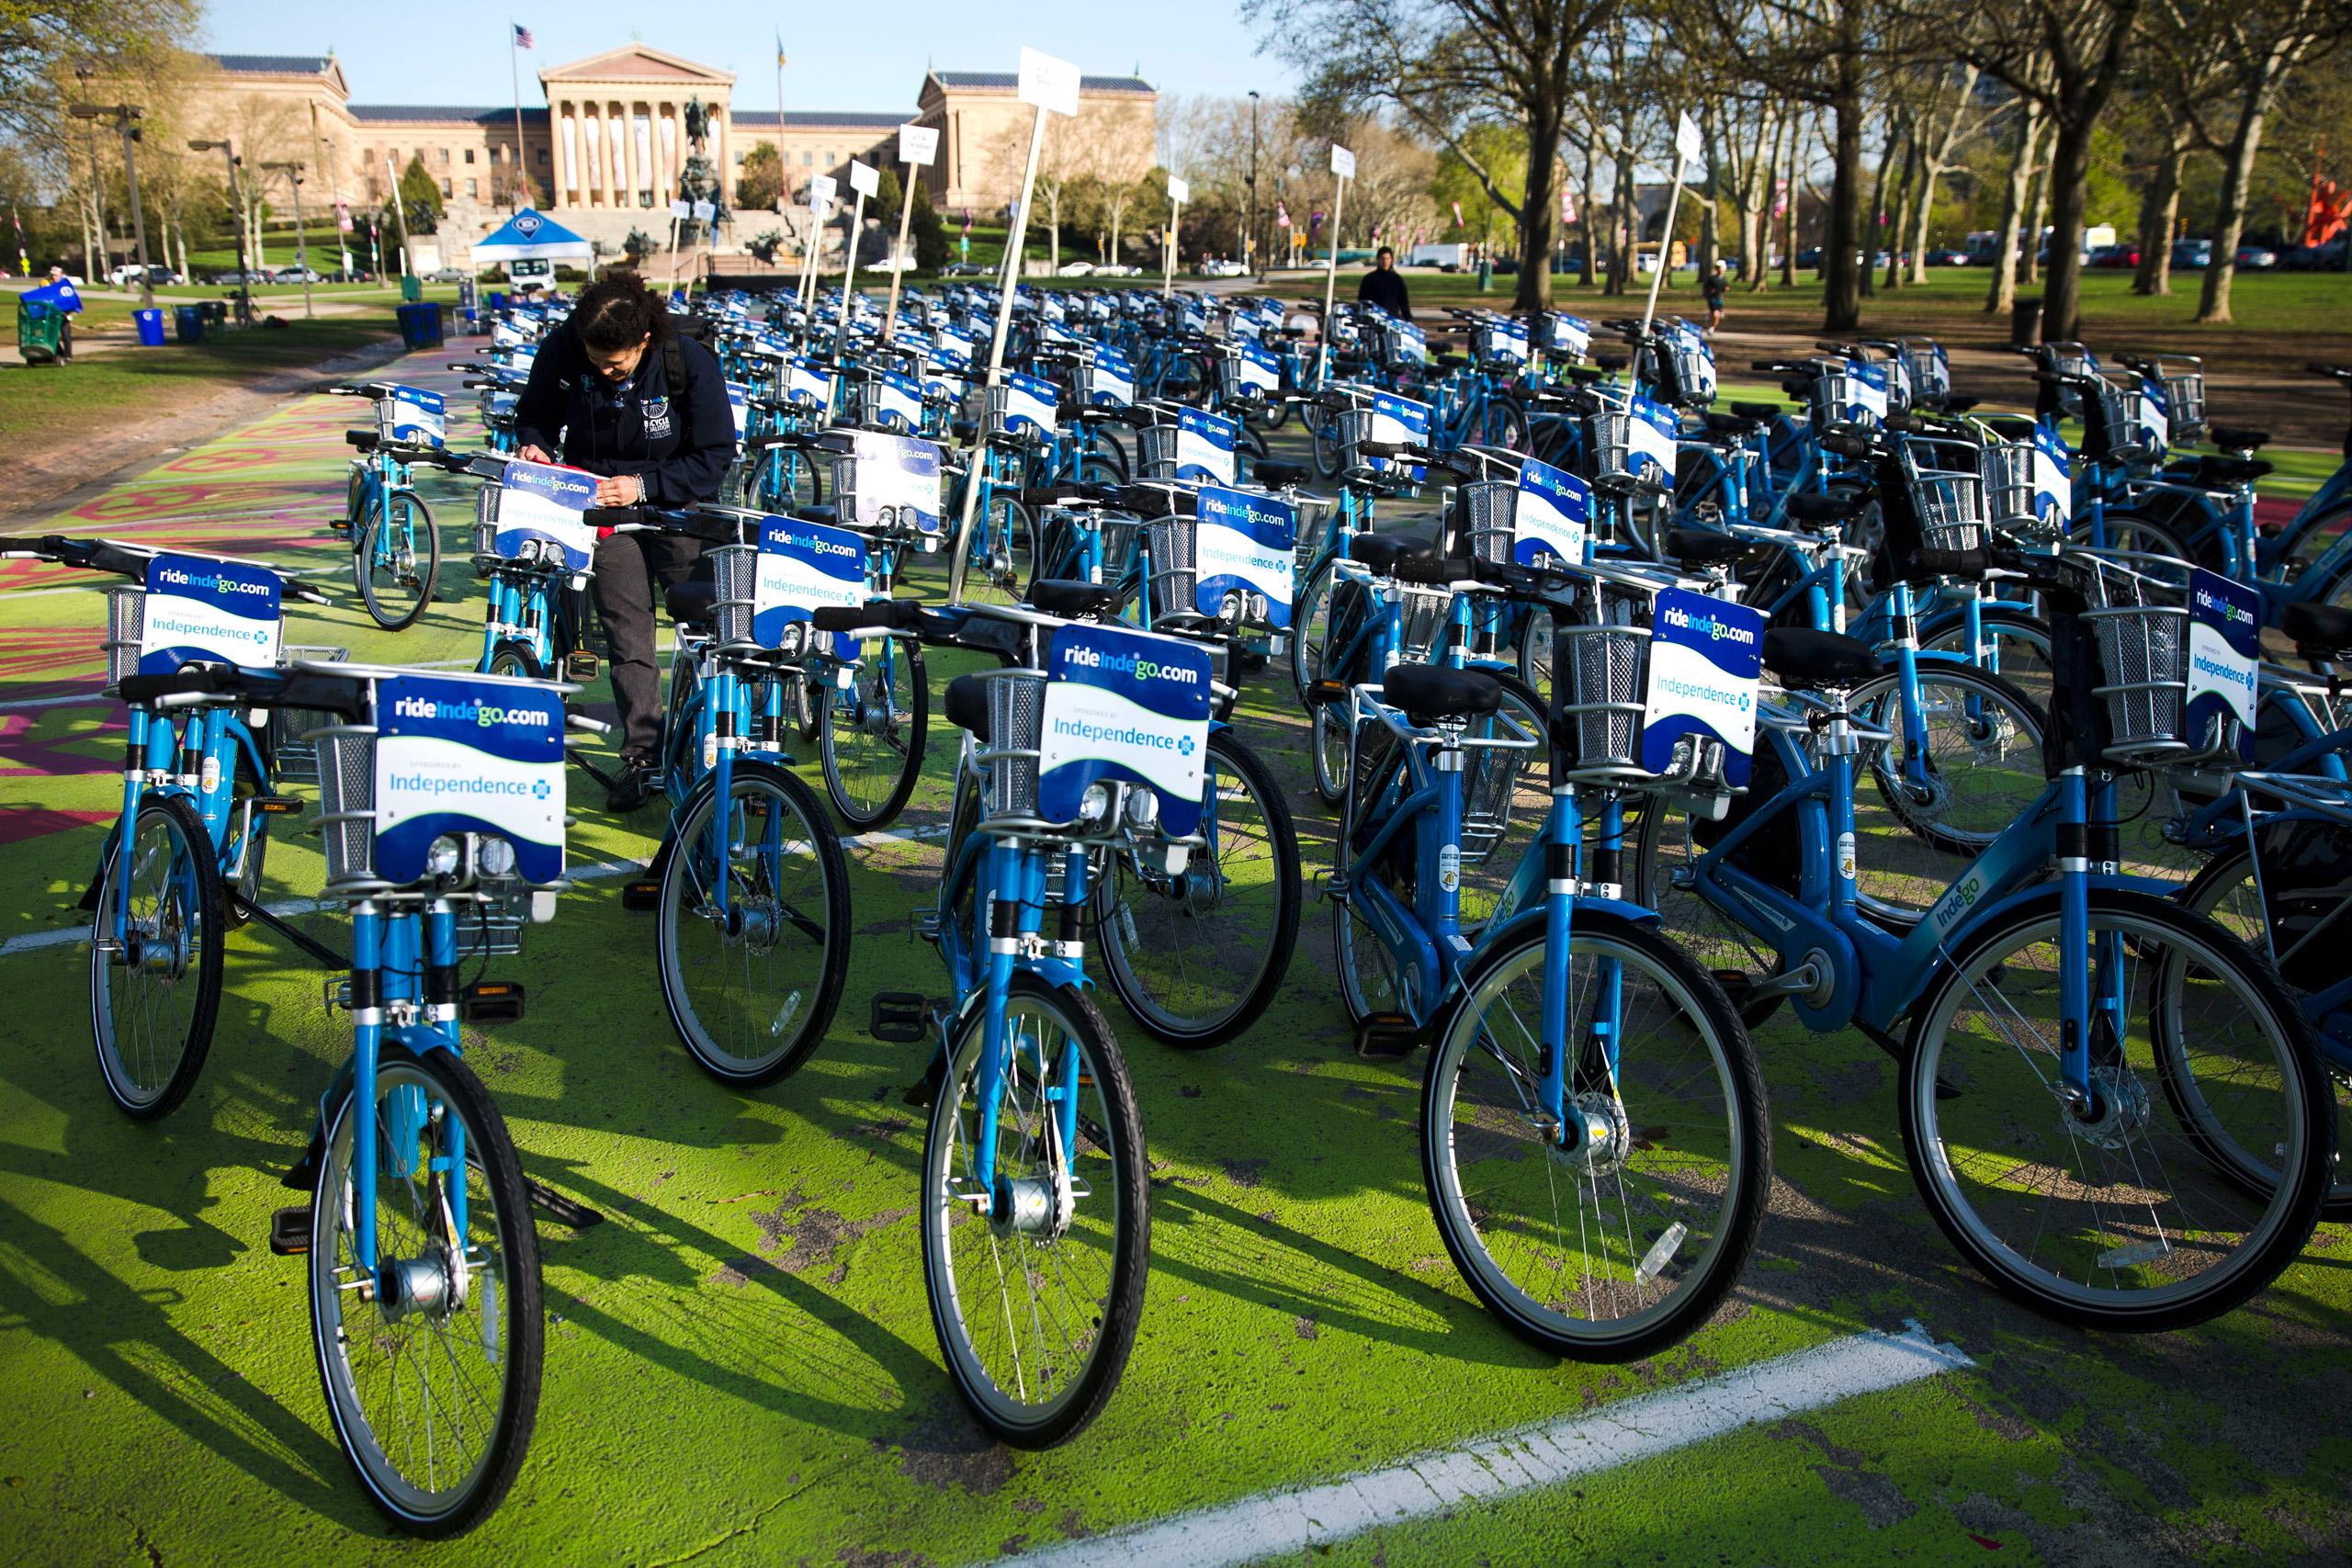 Phildelphia Bike Share